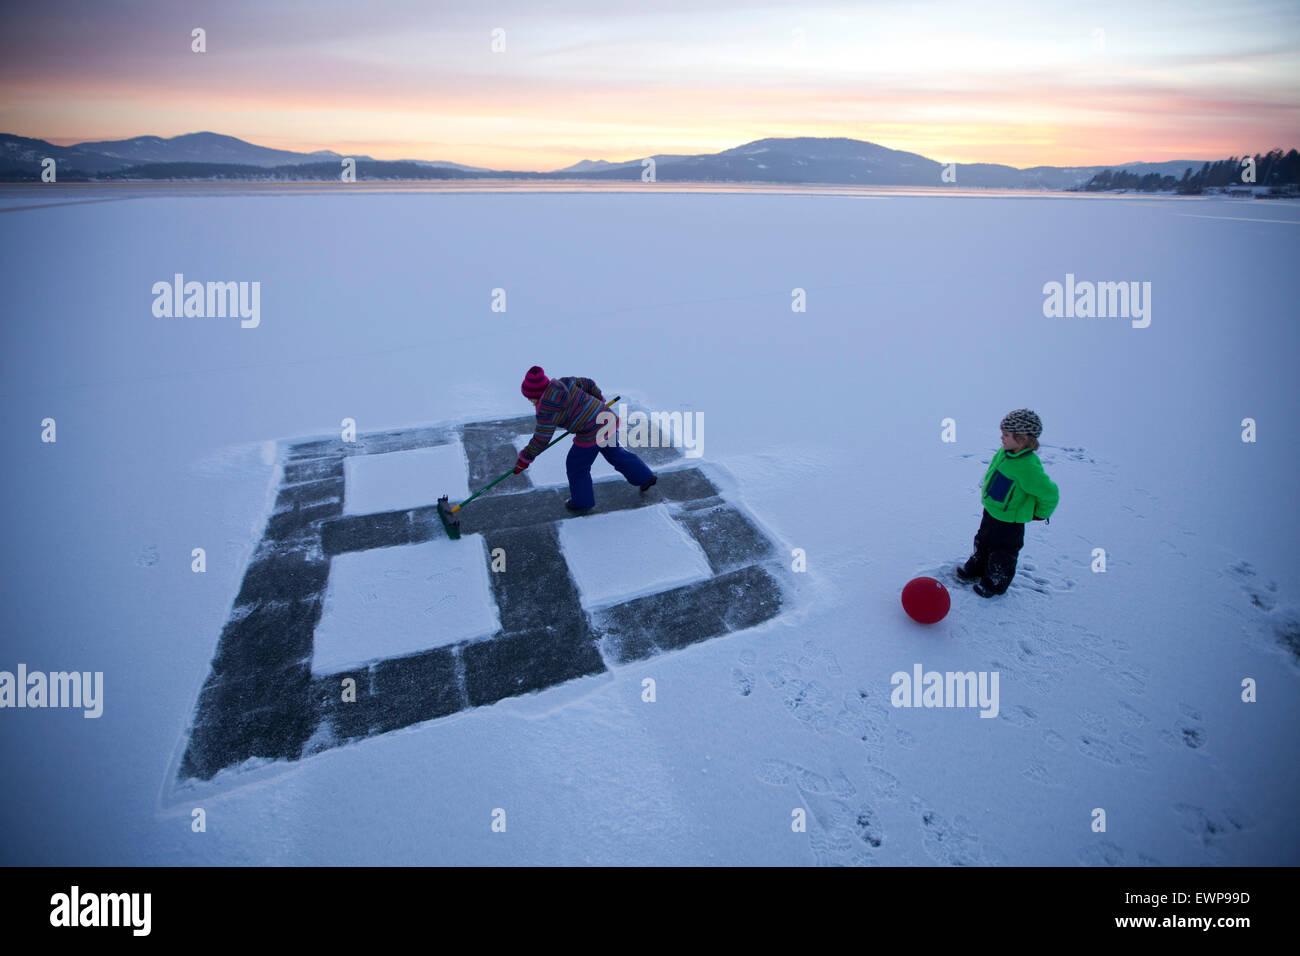 Ein kleines Mädchen bereitet einen viereckigen Hof auf dem Eis während ein anderer Uhren Winzling. Stockbild